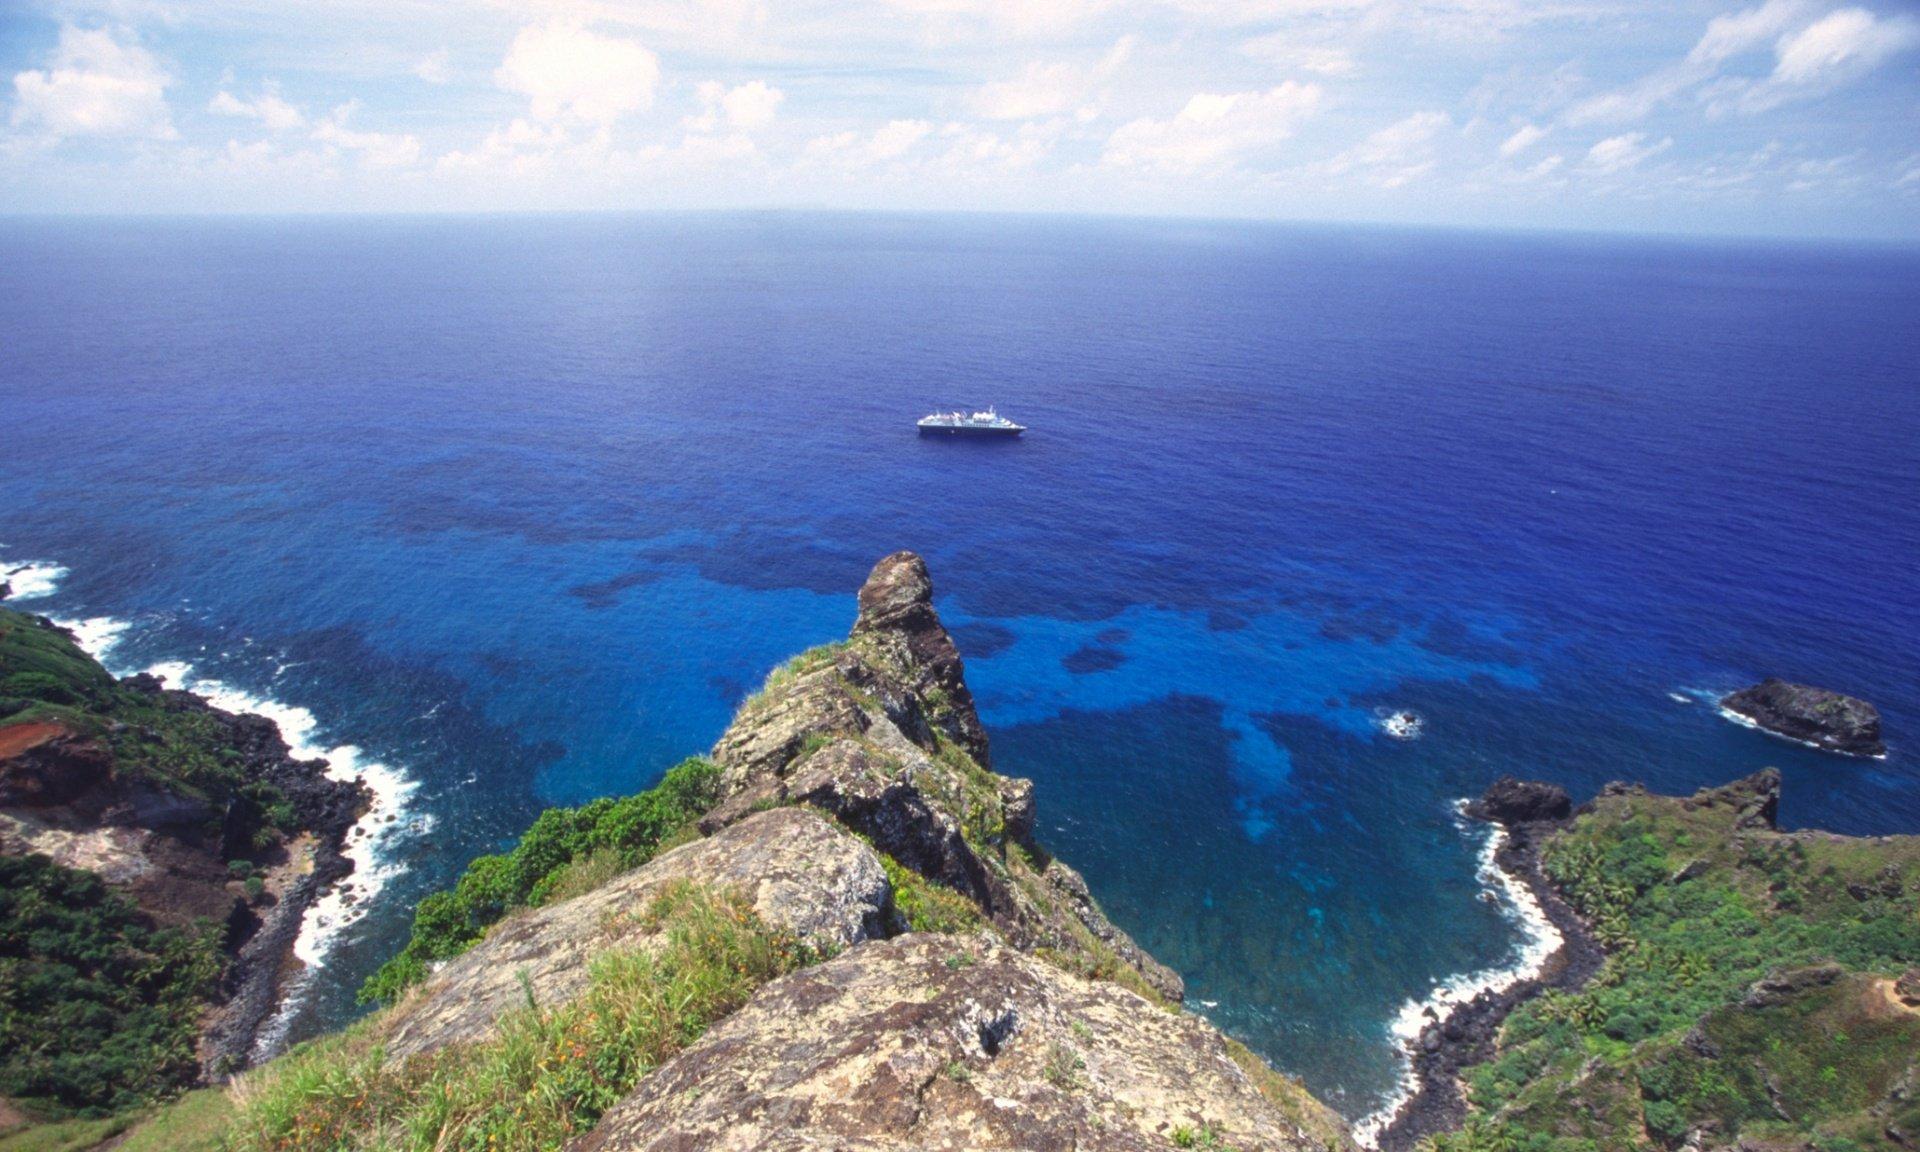 L'île de Pitcairn, le plus petit pays du monde, autorise le mariage entre personnes de même sexe